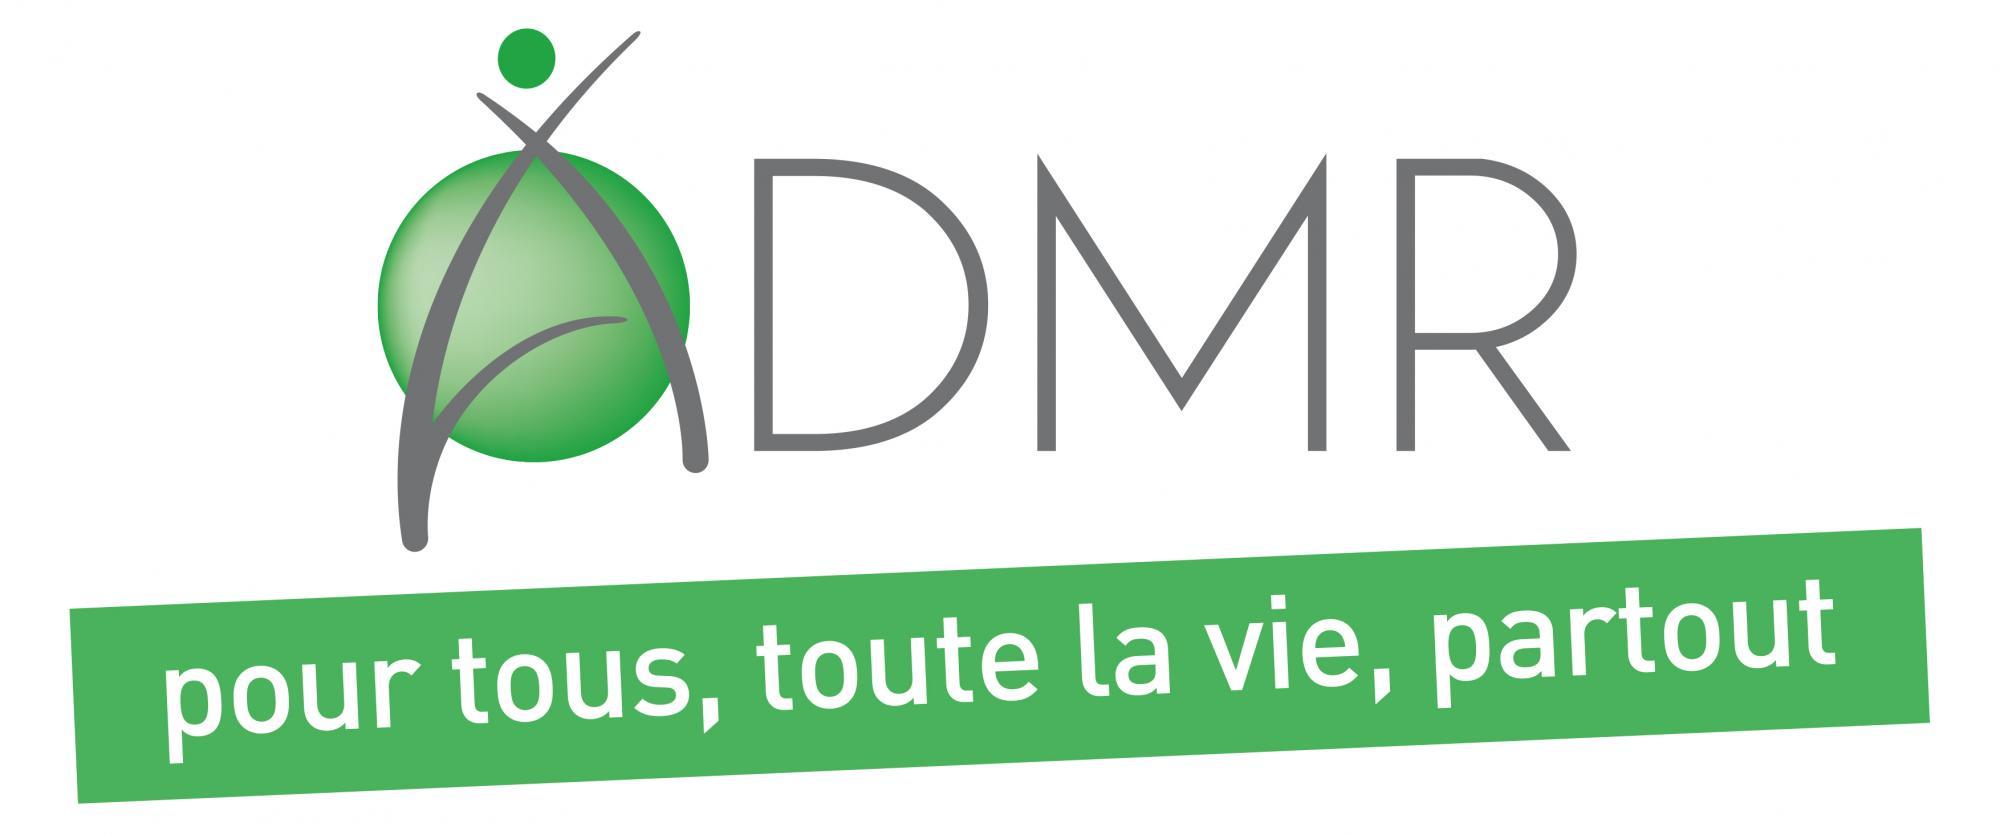 FEDERATION ADMR D'INDRE ET LOIRE - 37 , Aide à domicile Villeperdue